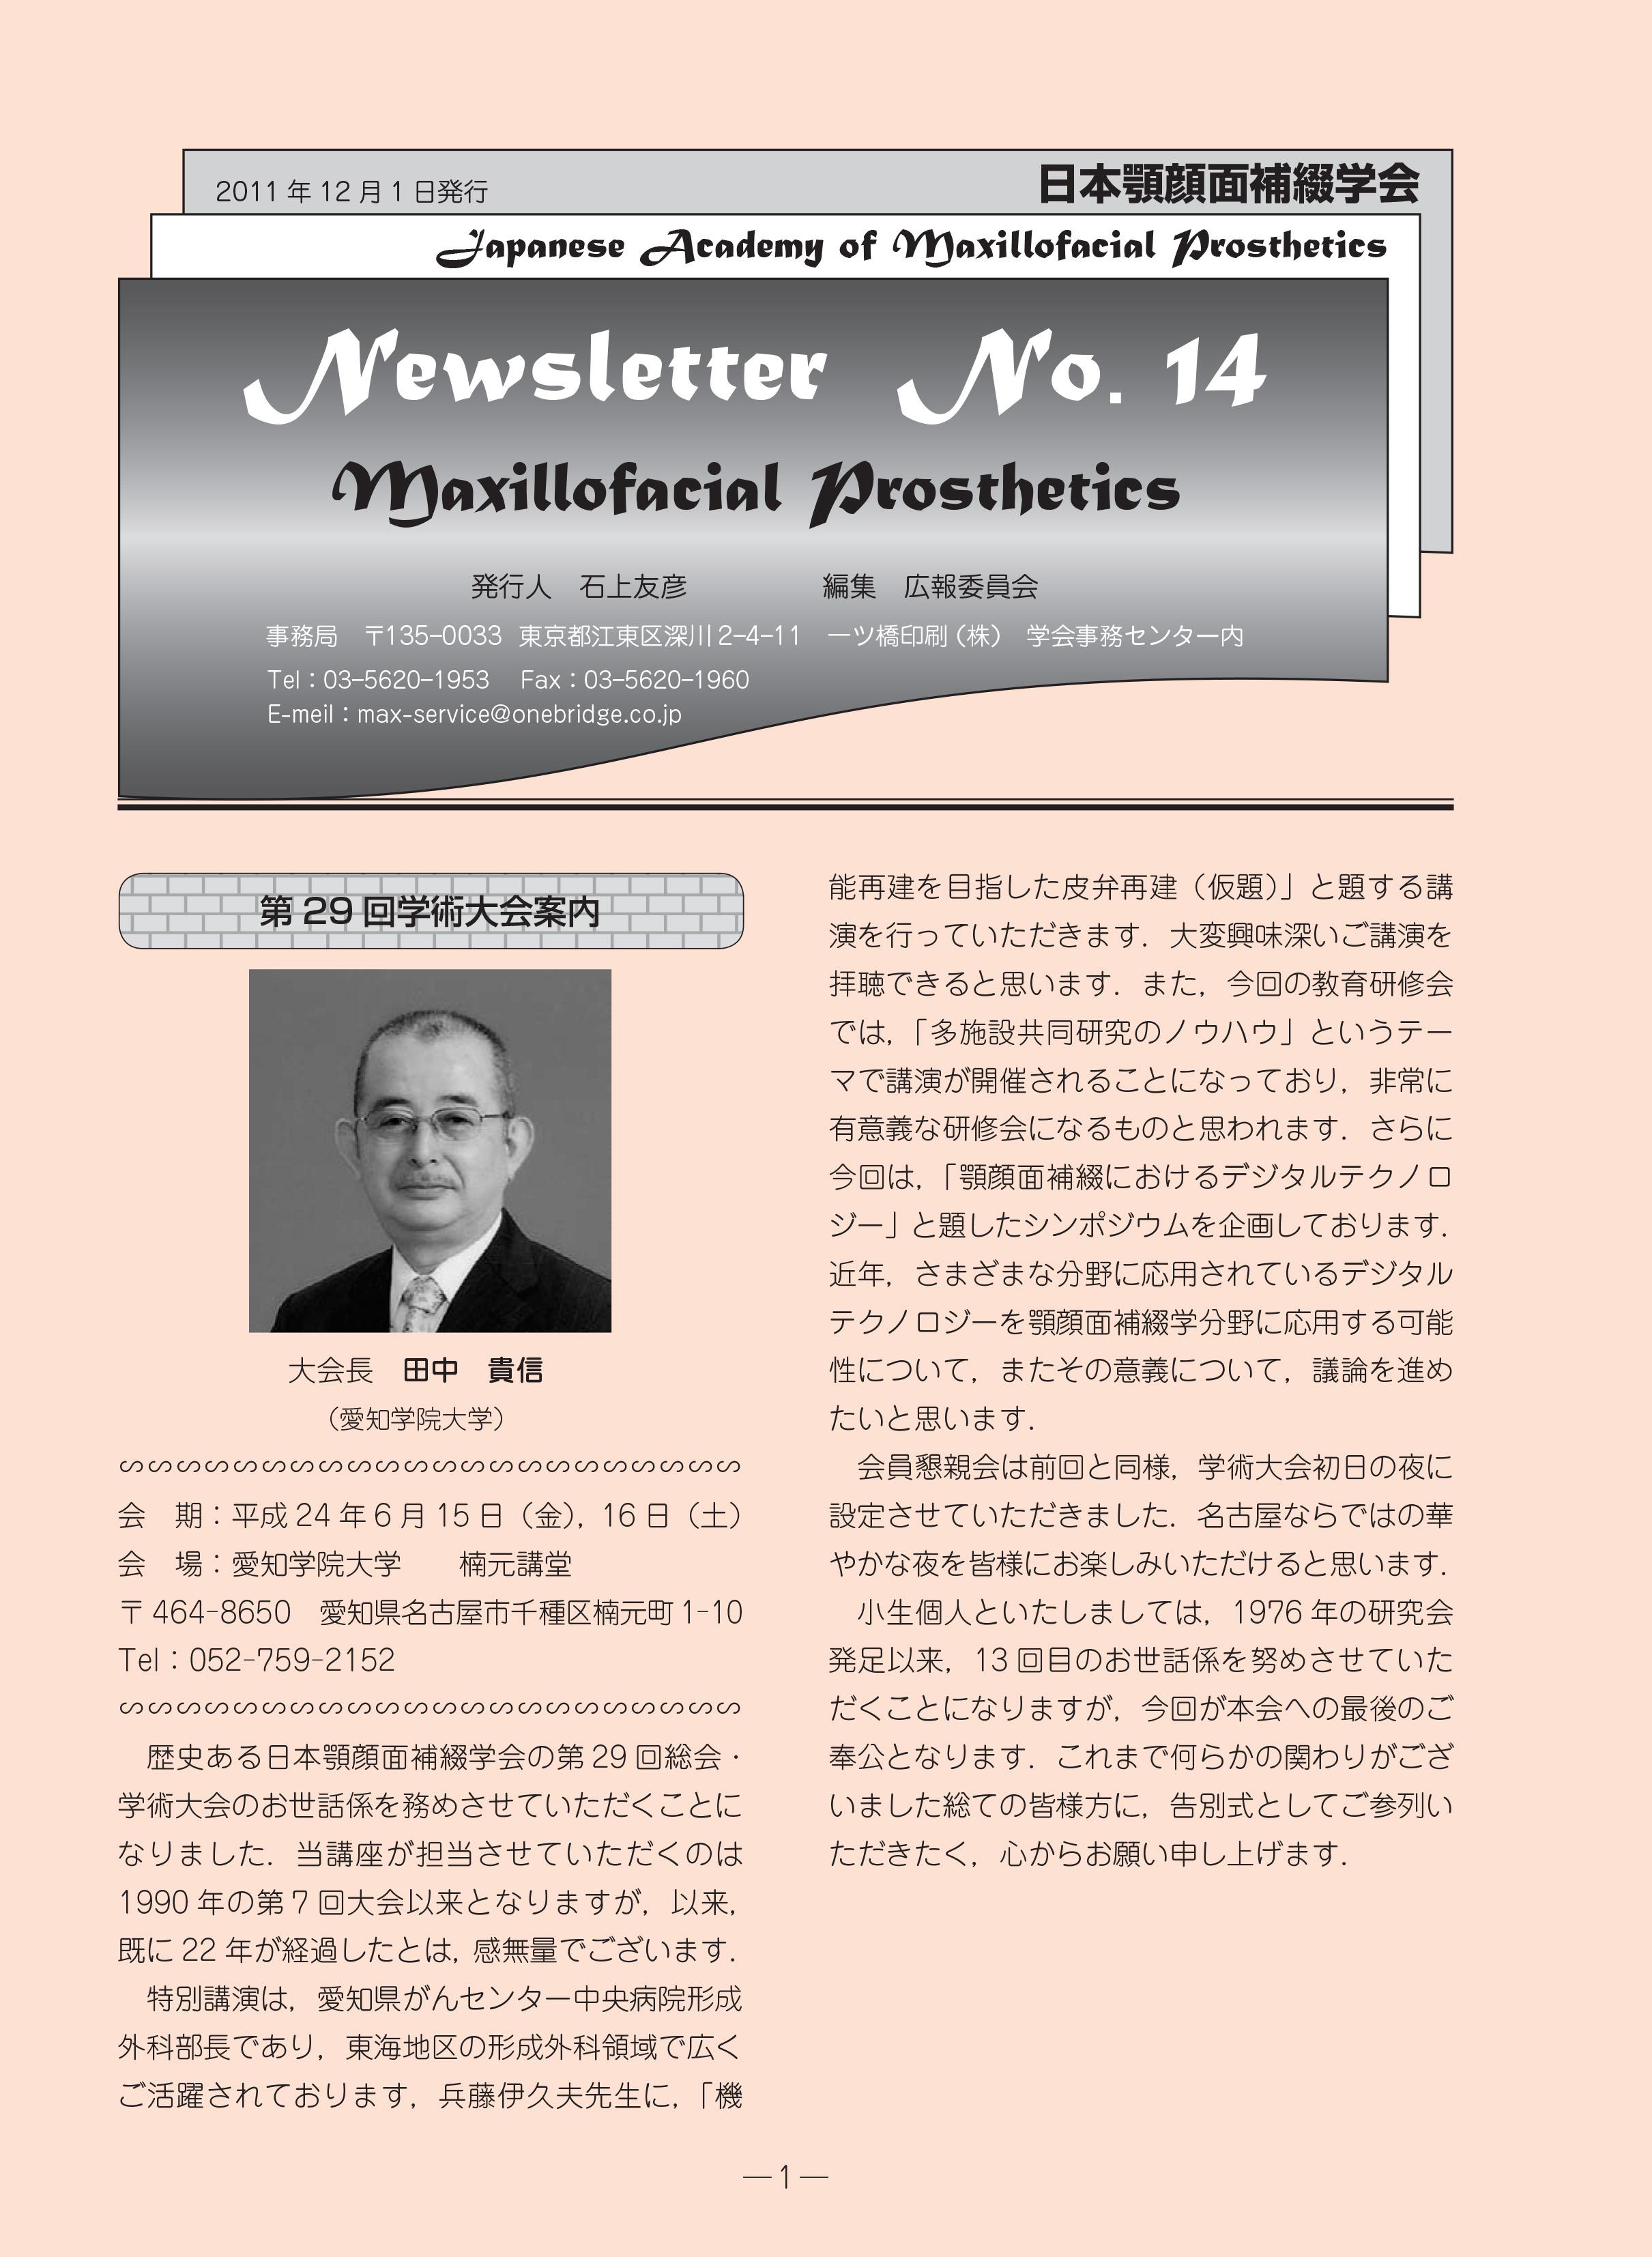 ニュースレター No.14